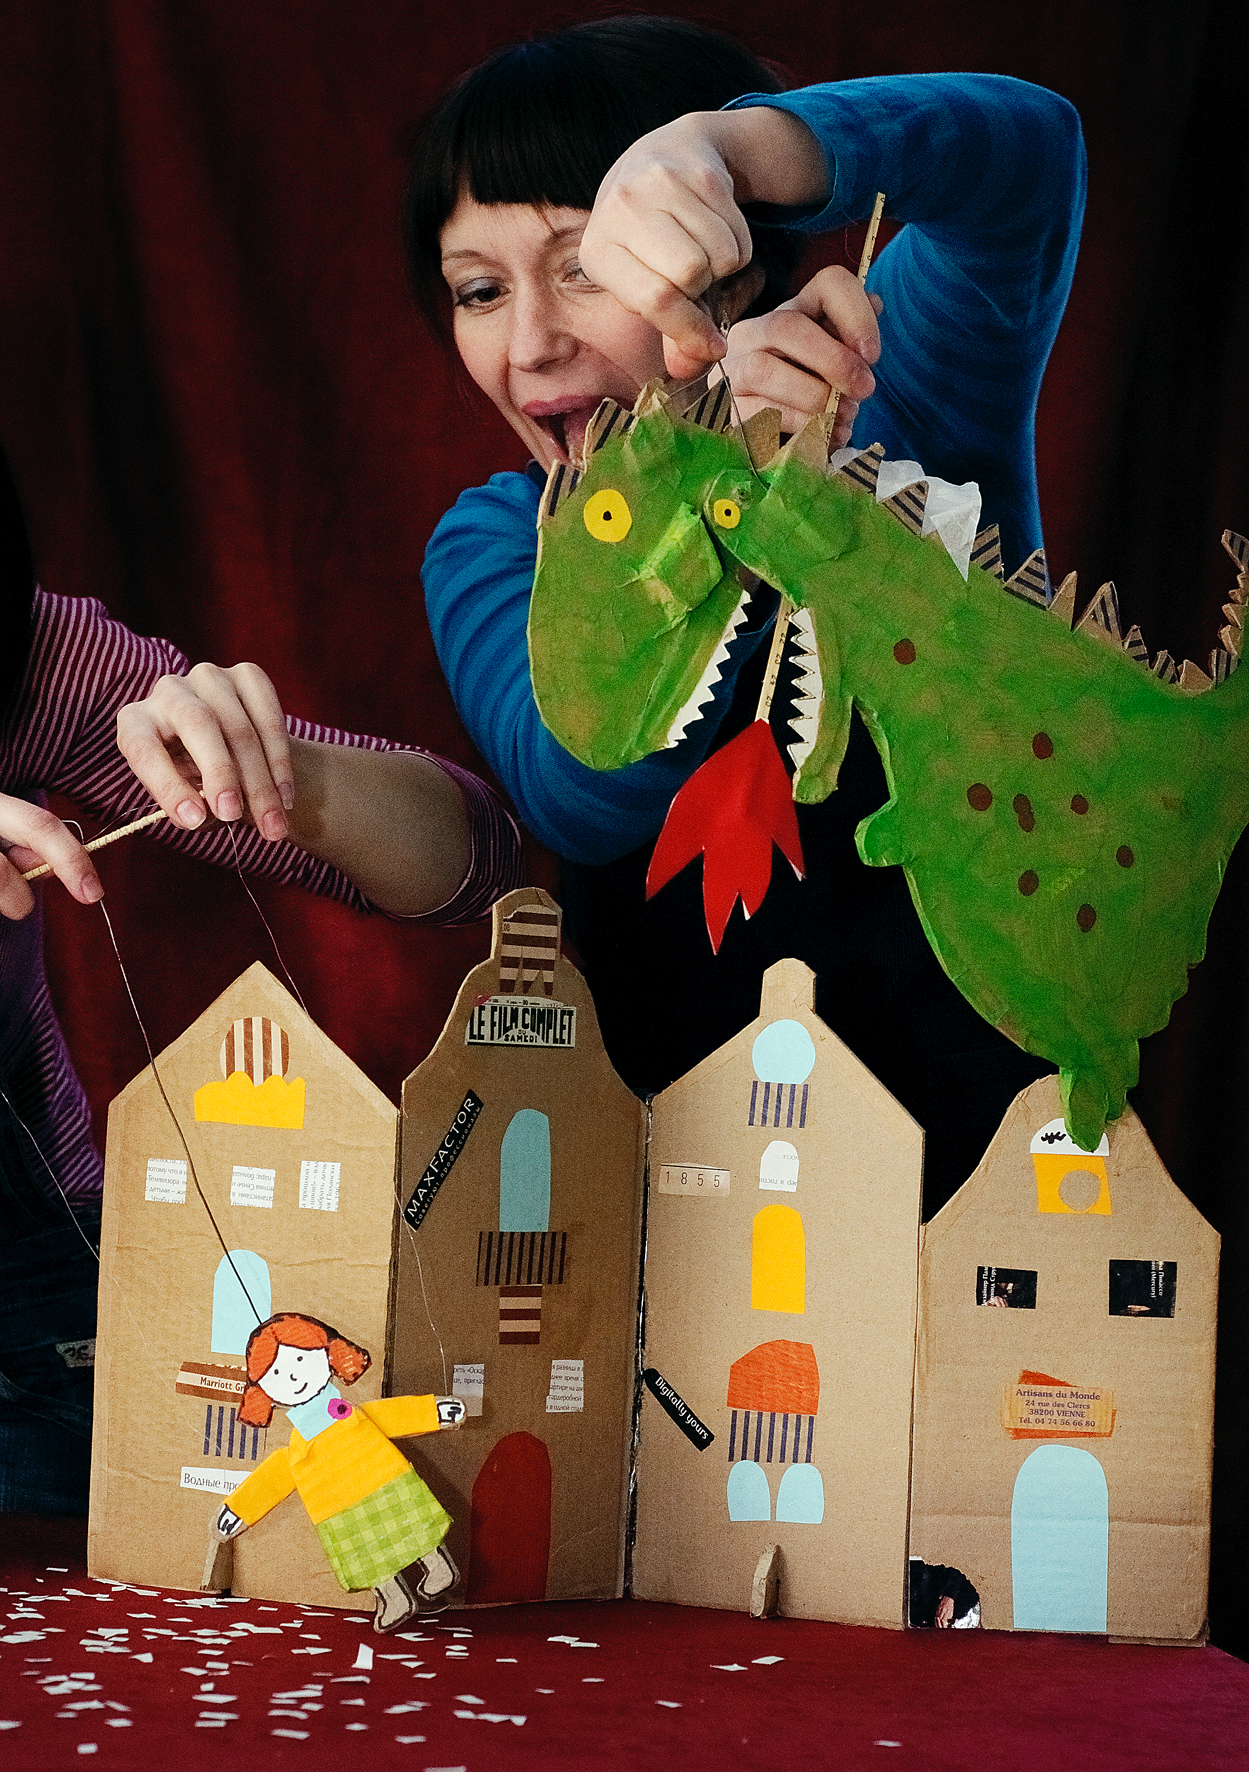 Как сделать свой кукольный театр в домашних условиях